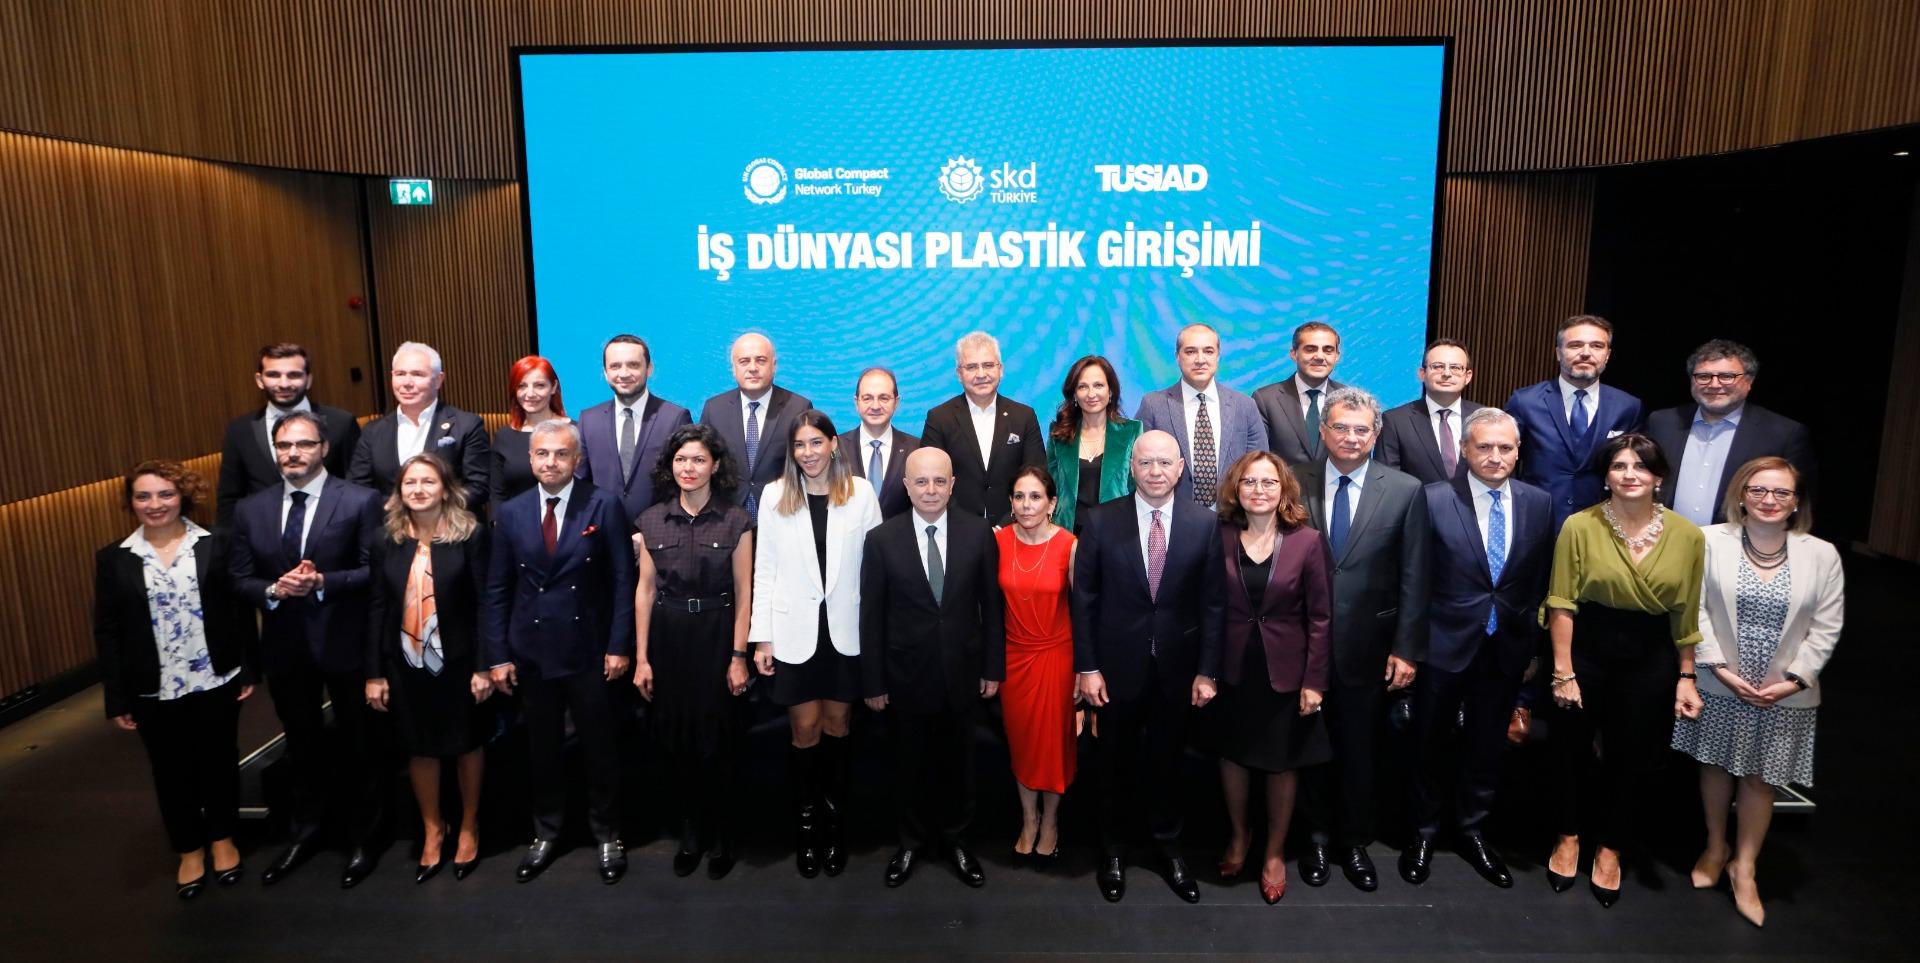 PepsiCo'dan sürdürülebilir kalkınma için plastik atıklarına çözüm ortaklığı